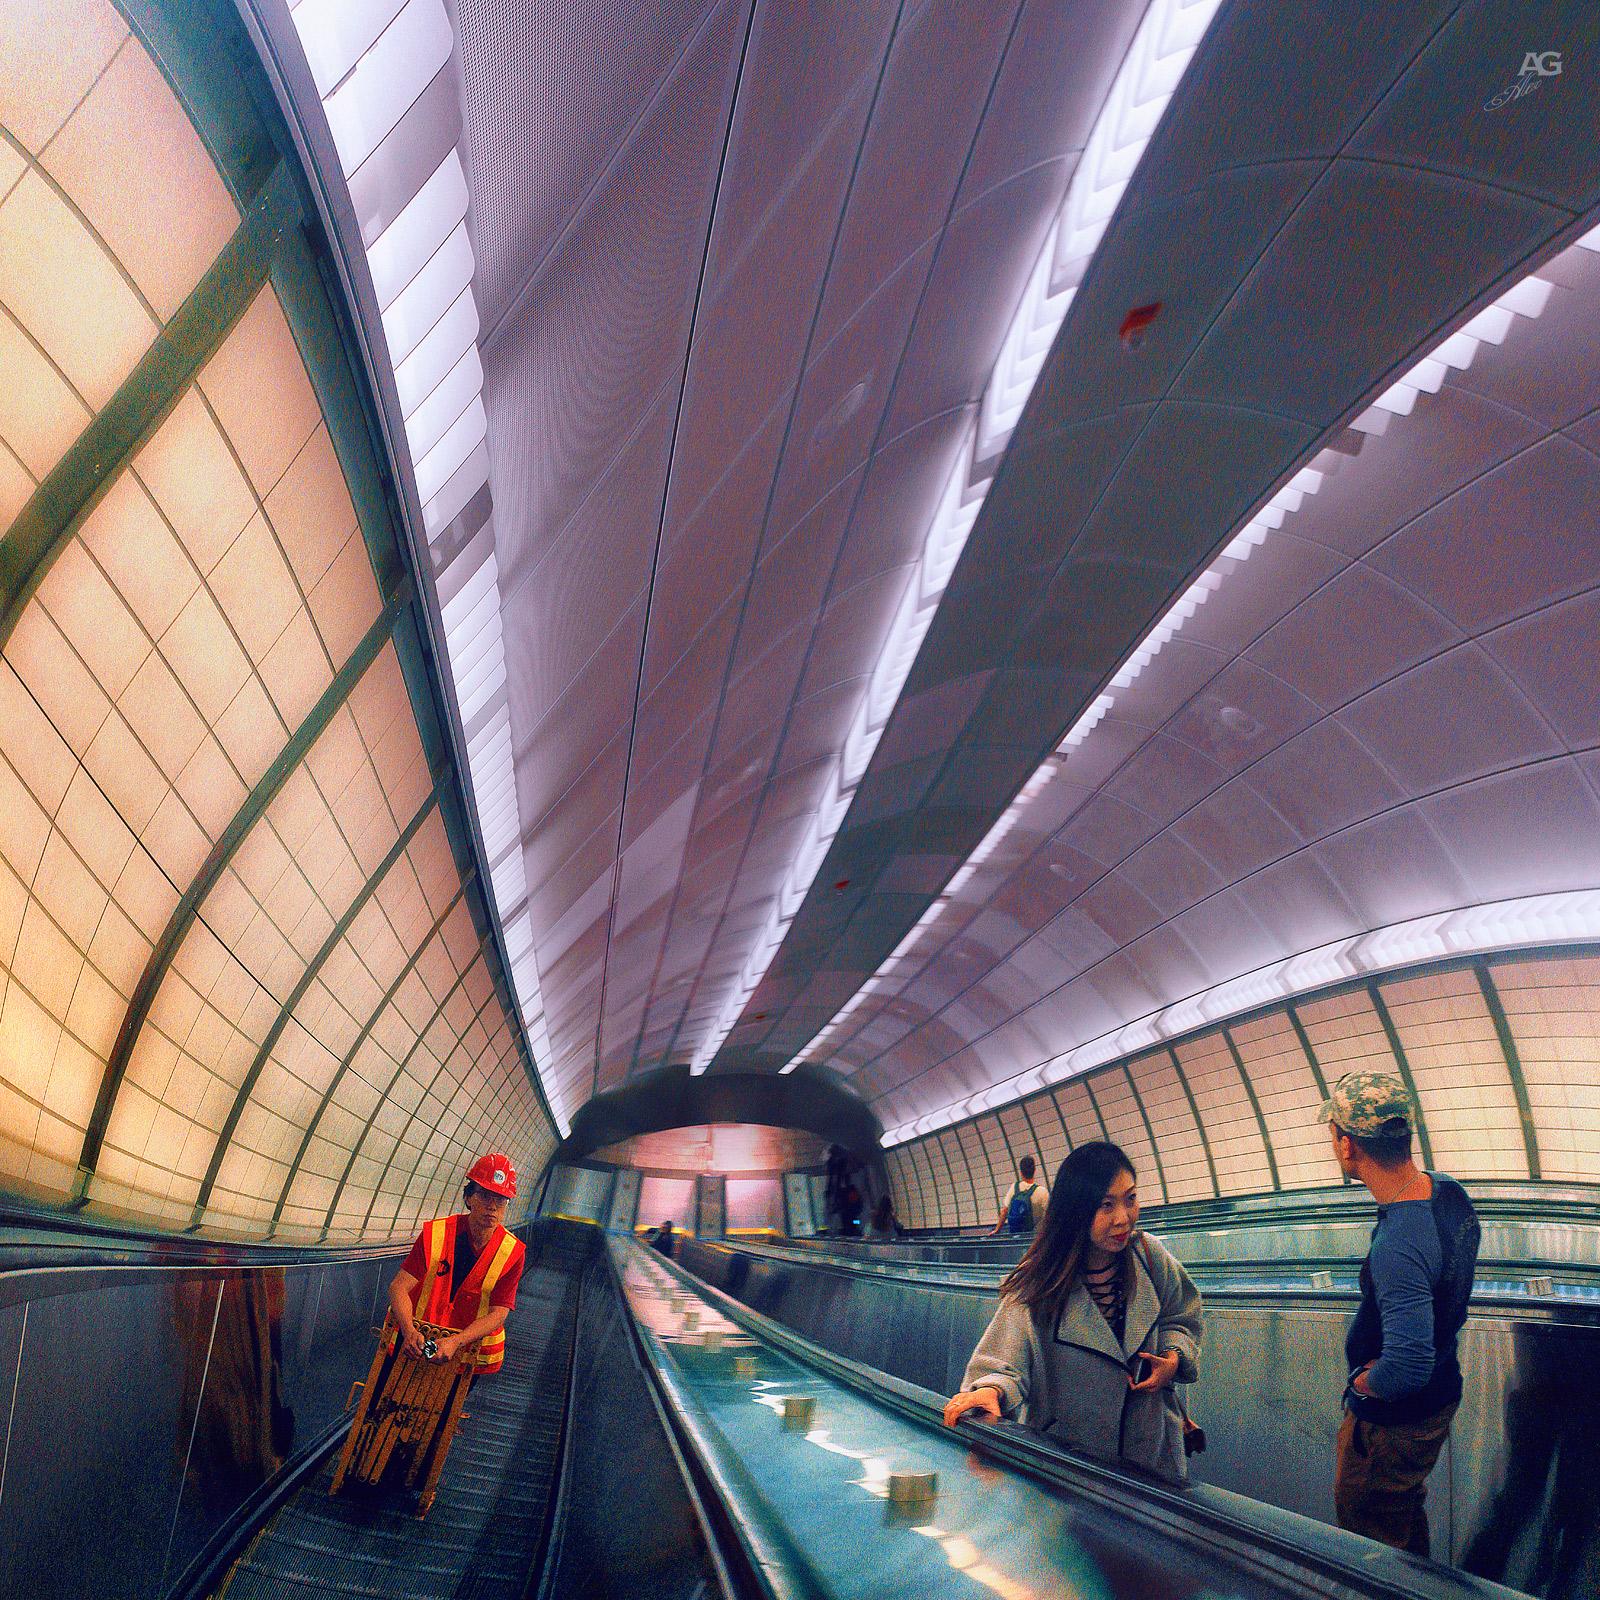 34Street&TrainStationEscalator_warped_1600